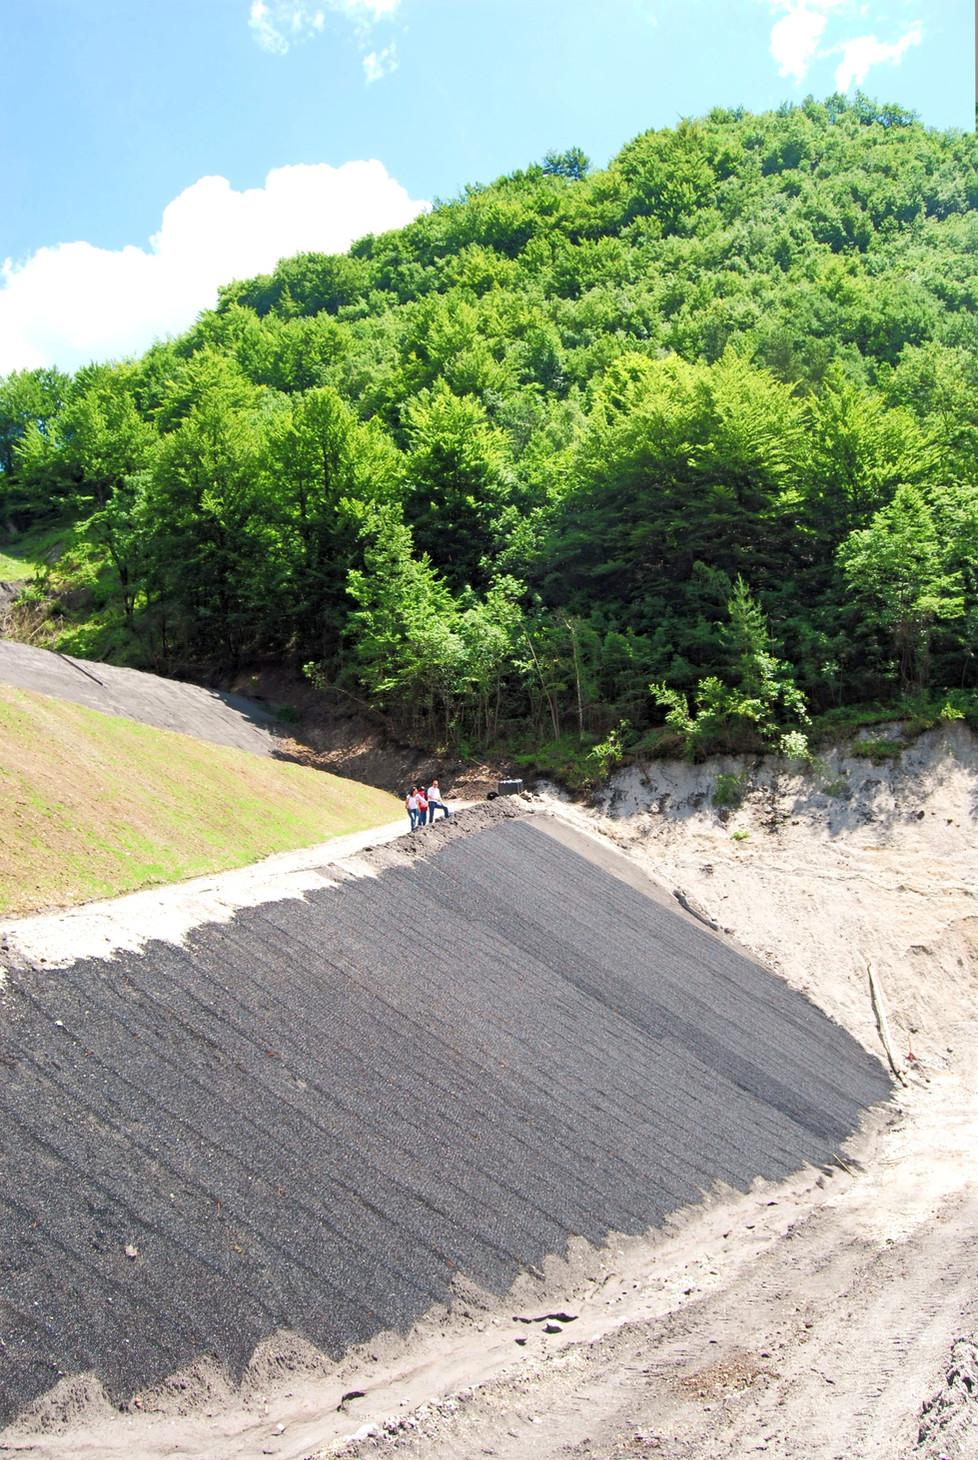 Mining recultivation of Trbovlje